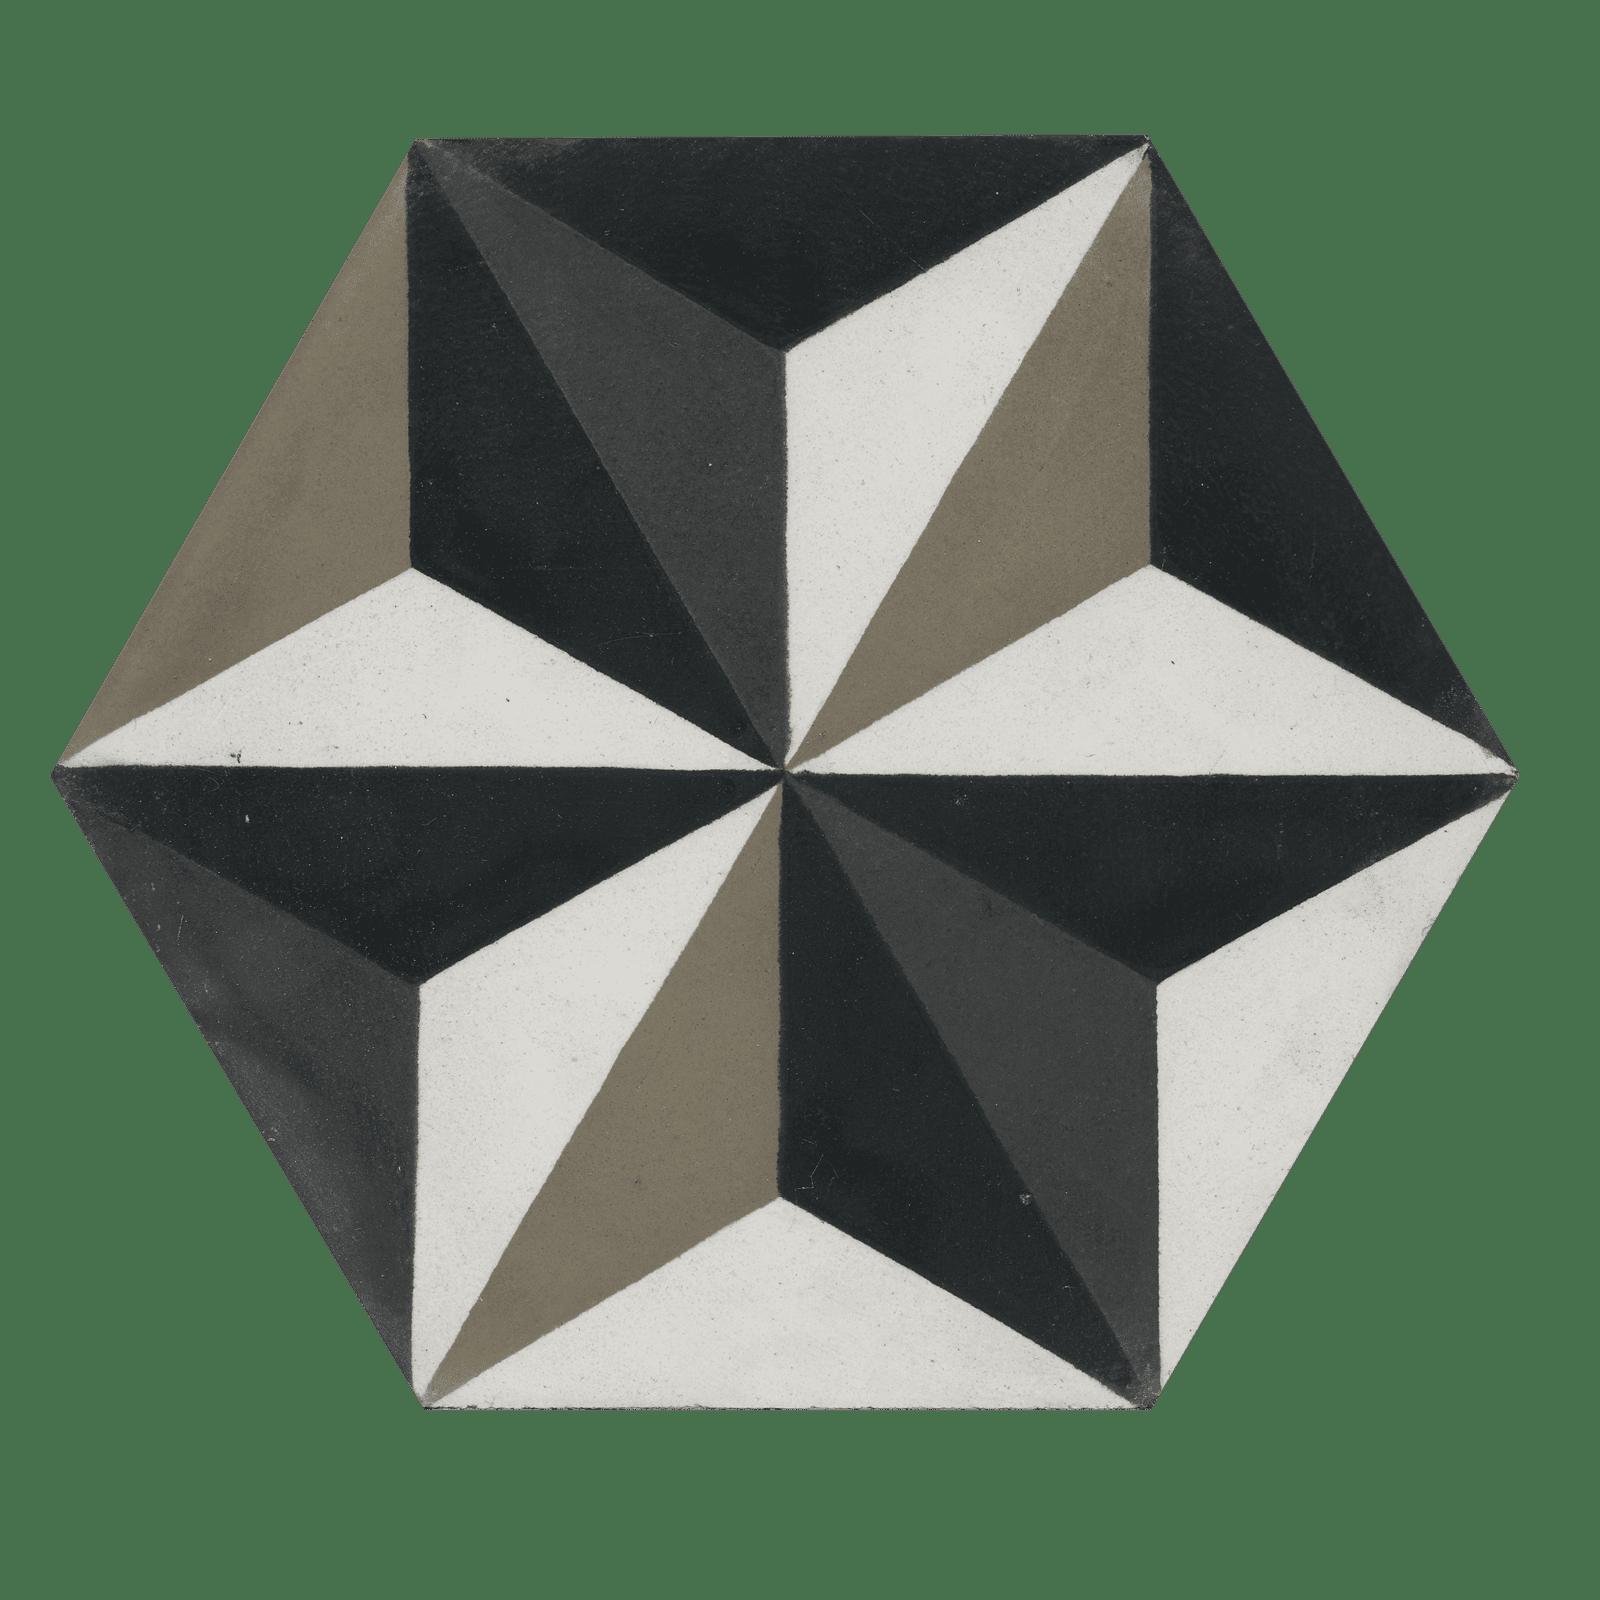 zementmosaikfliesen-nummer-600760-viaplatten | 600760